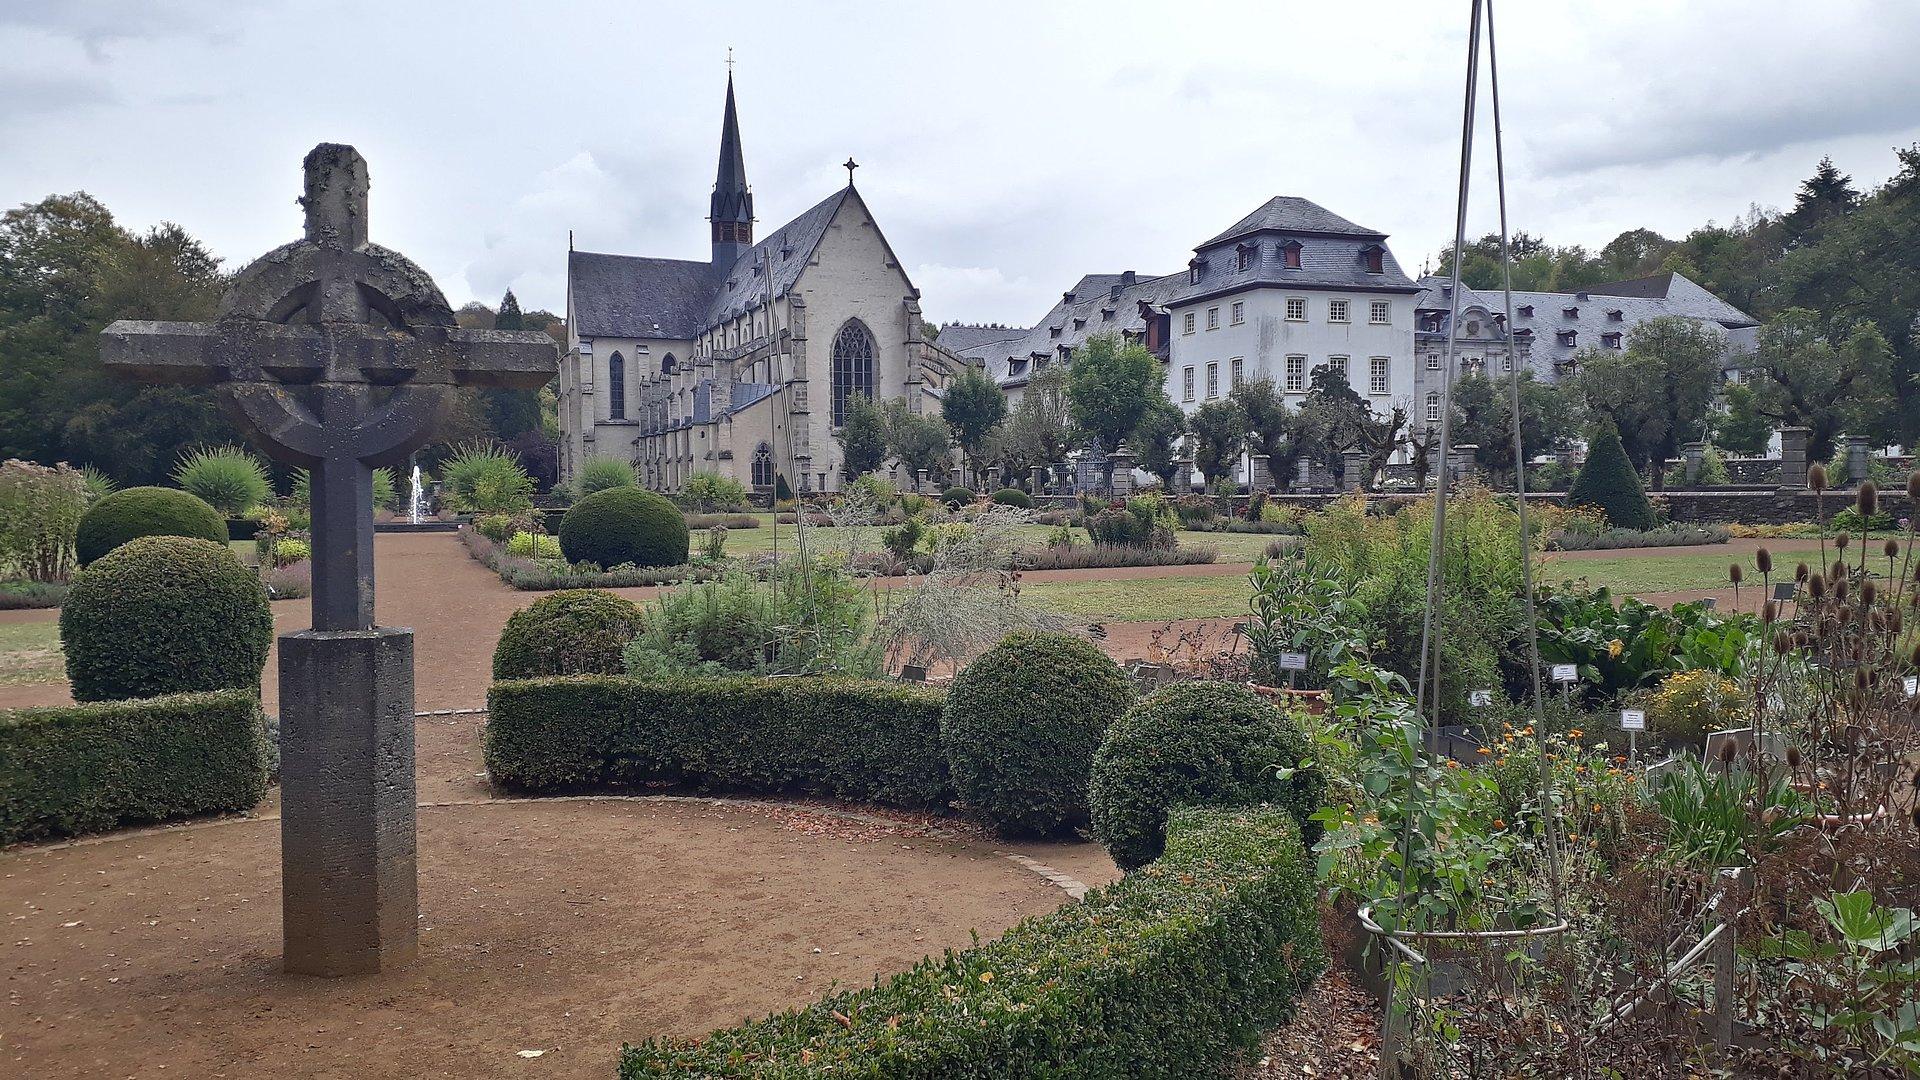 Marienstatt Abbey with monastery gardens in the Nistertal valley near Streithausen, Westerwald